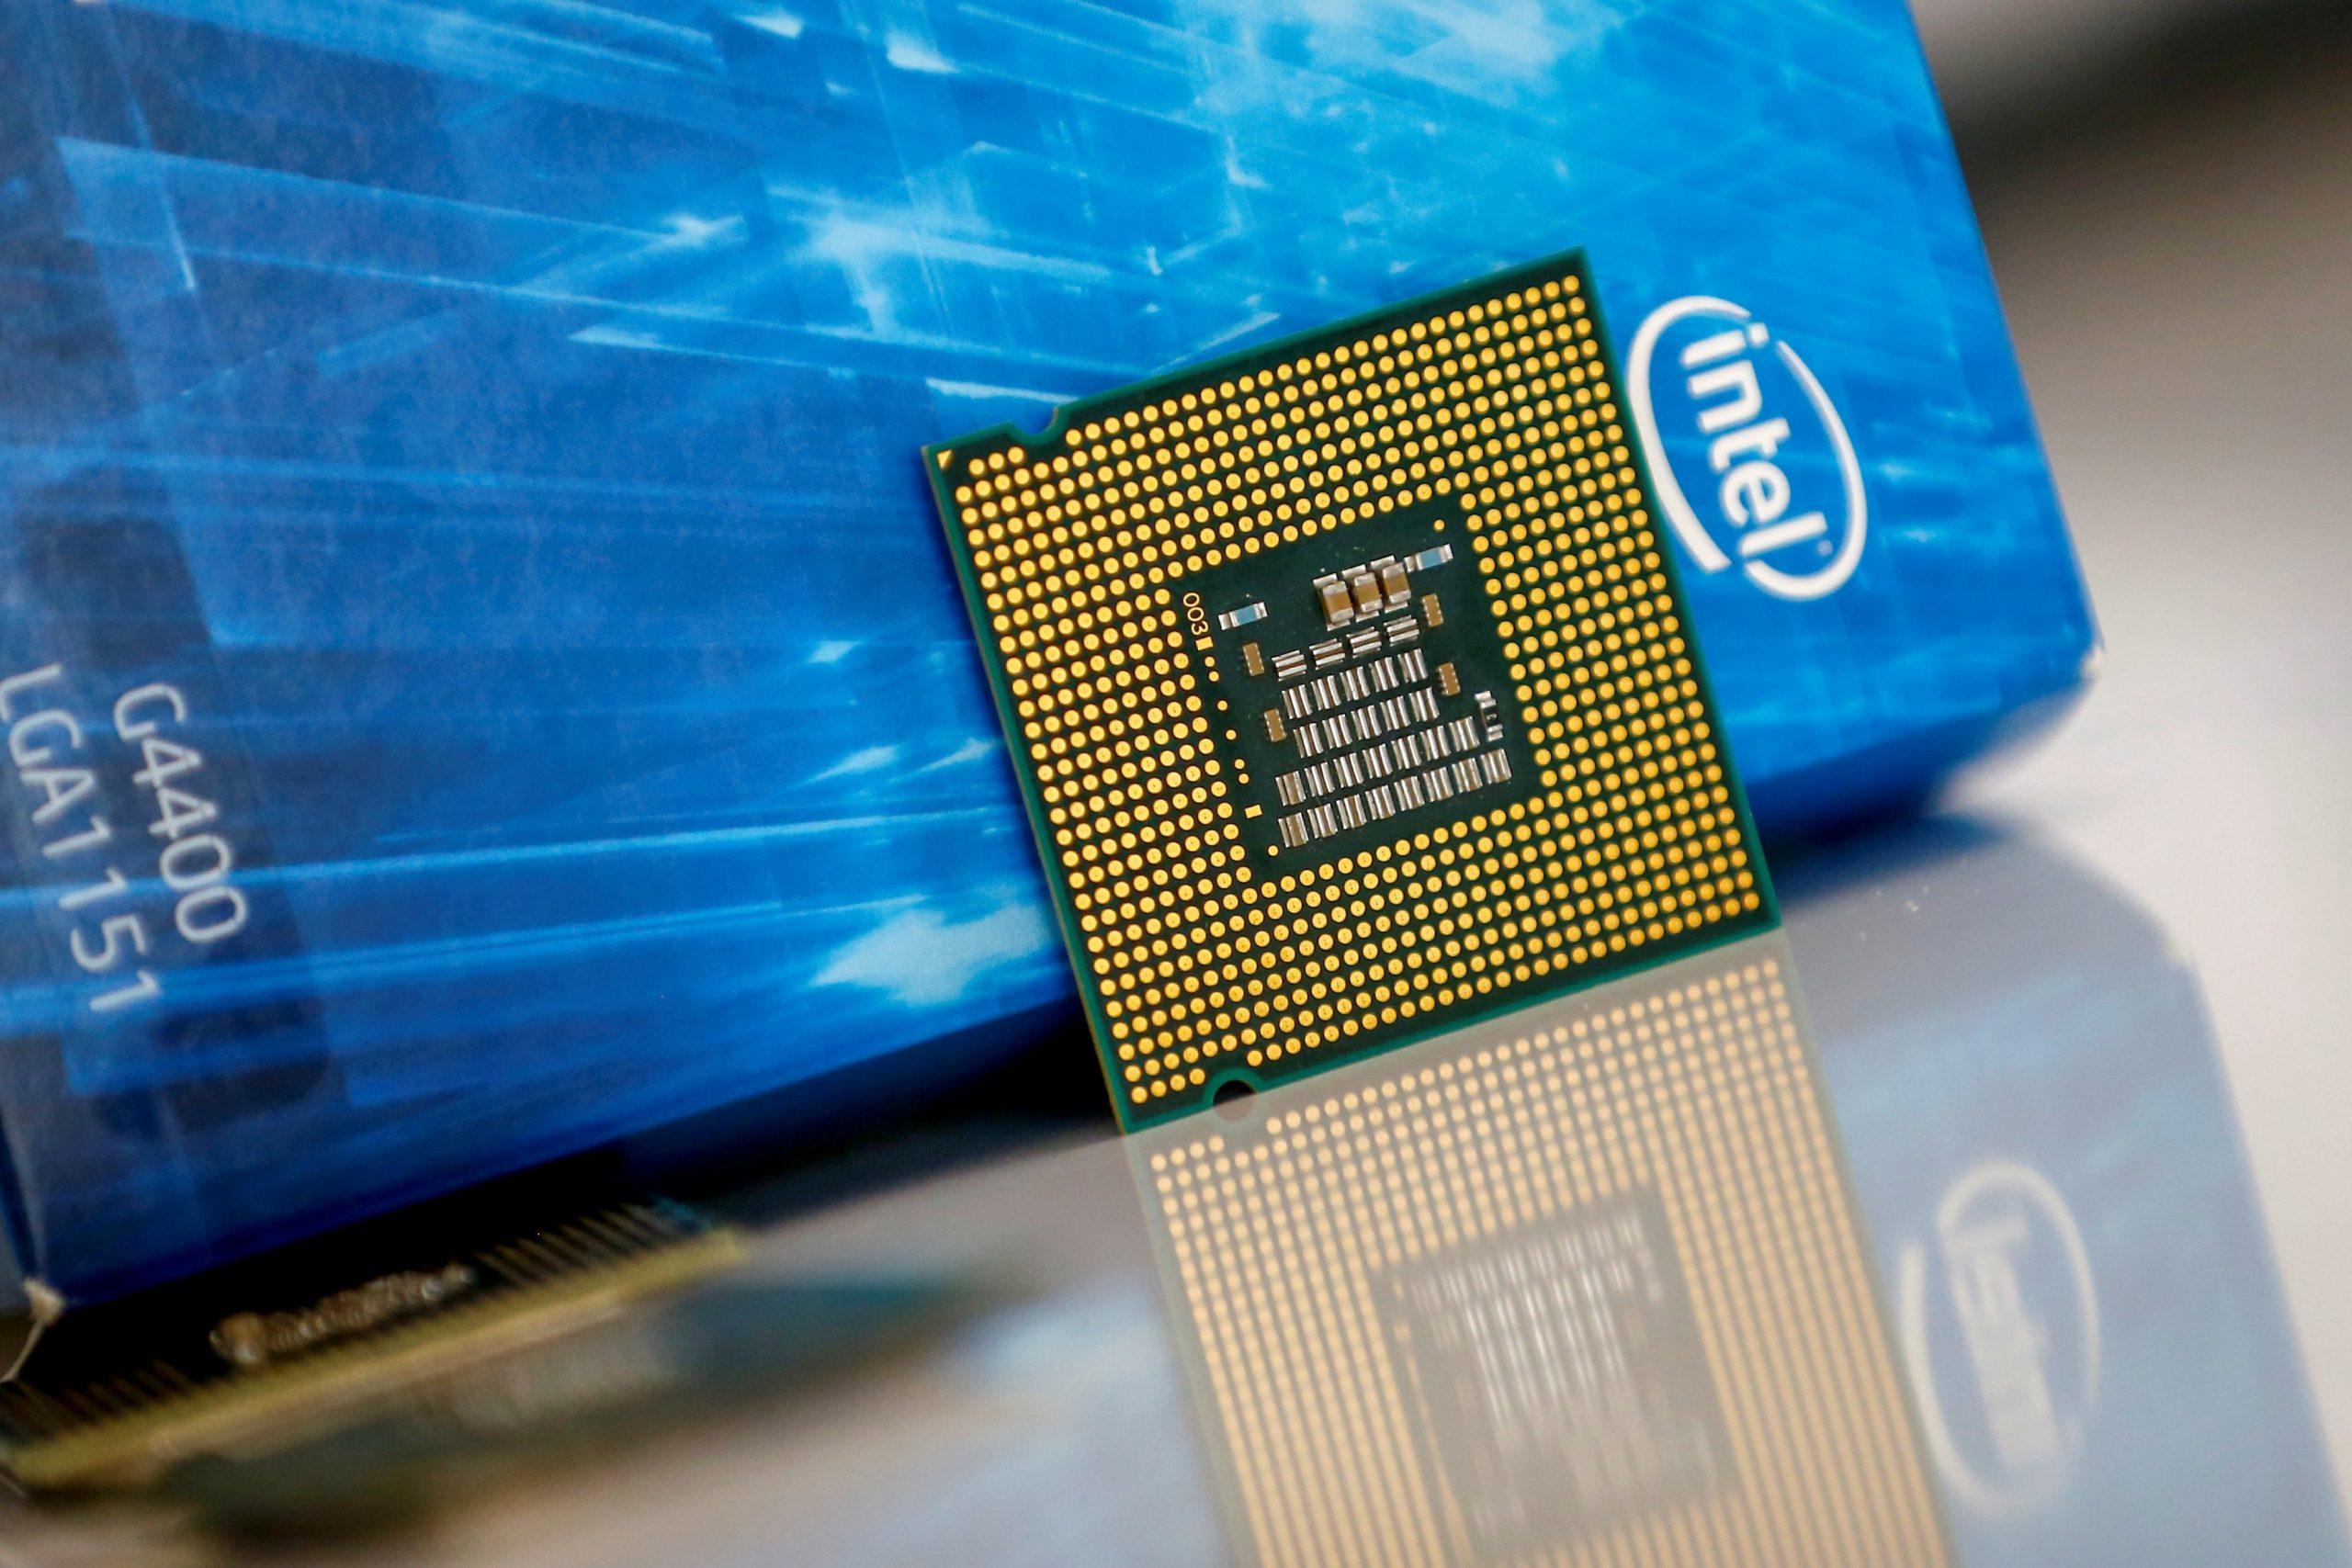 intel core processor 2